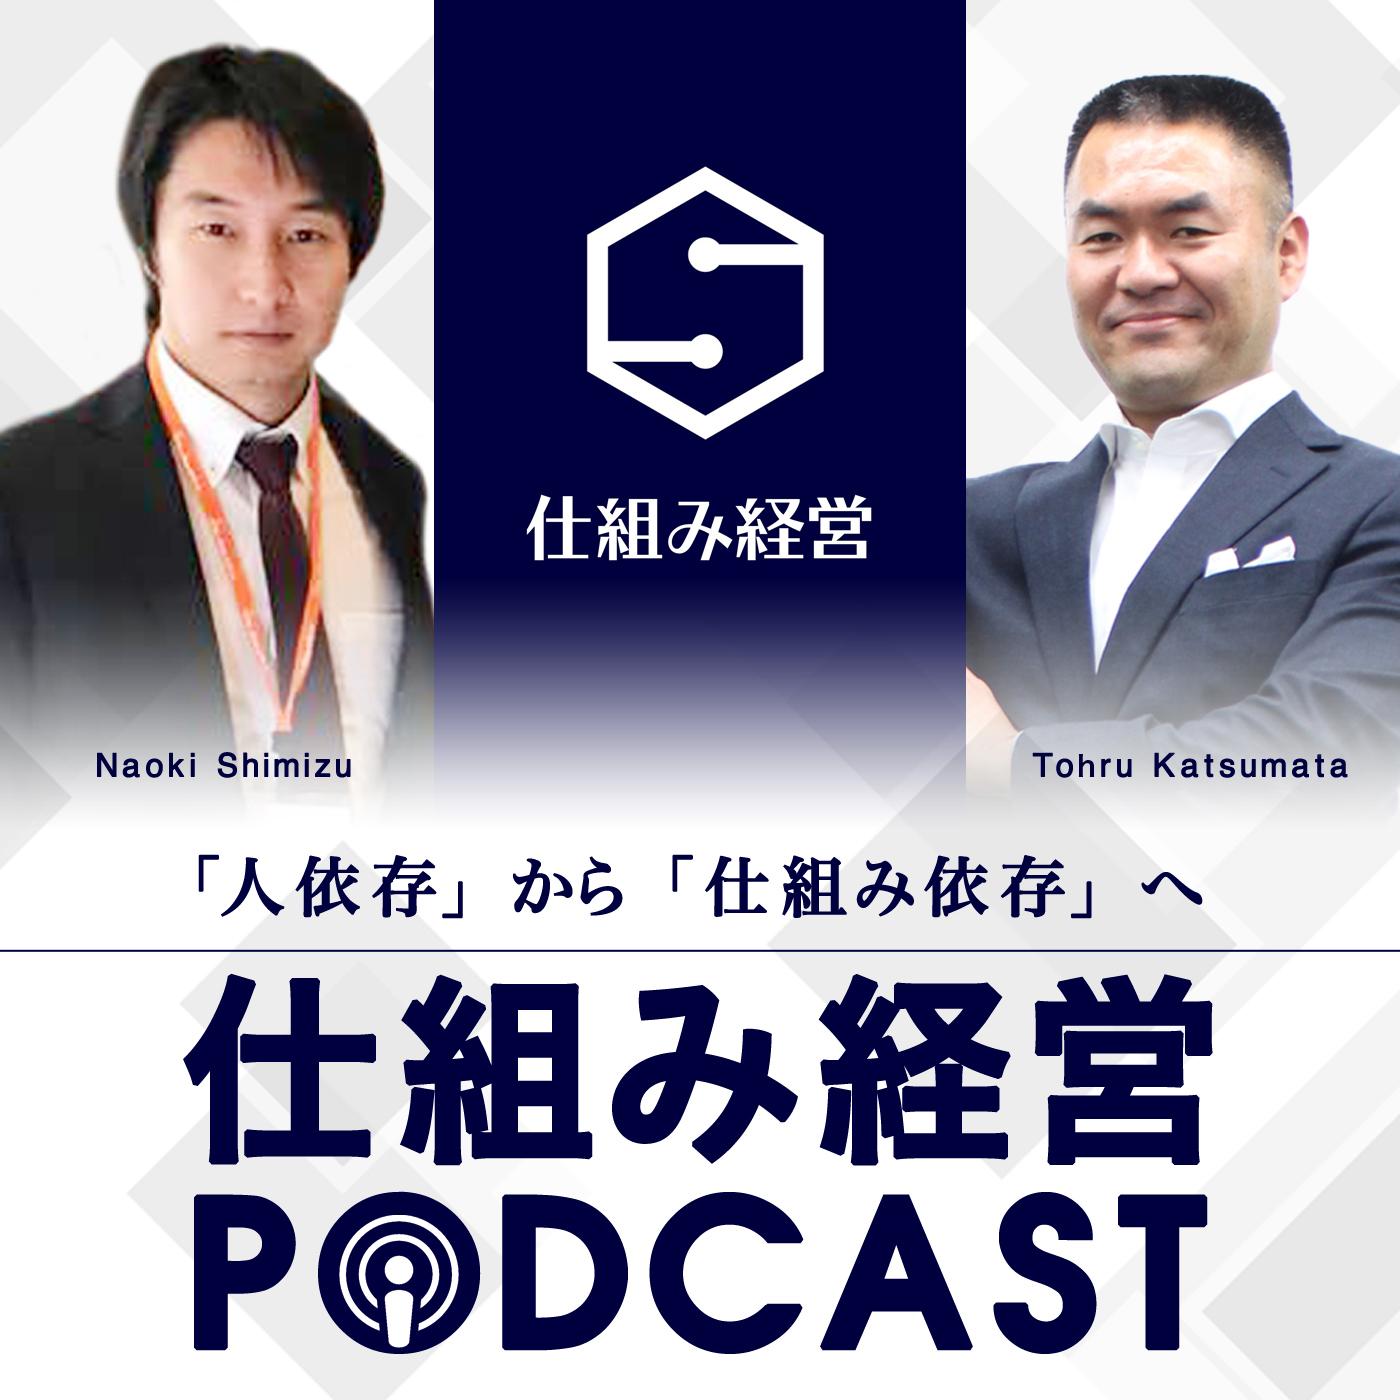 仕組み経営Podcast